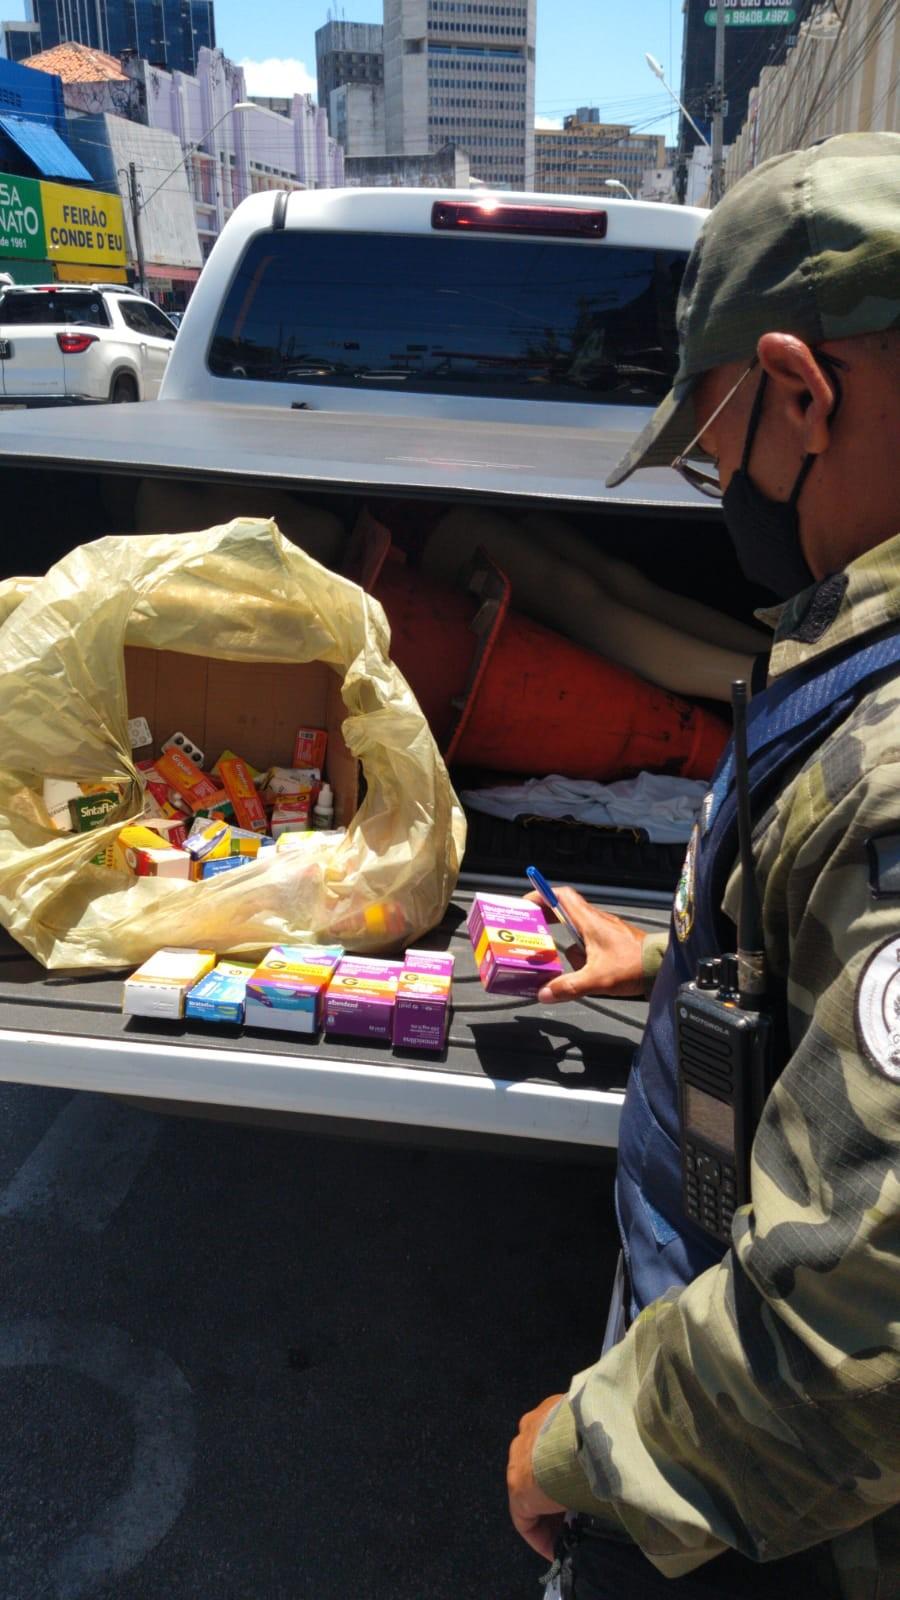 Agefis apreende 127 caixas de remédios sendo vendidas ilegalmente no Centro de Fortaleza